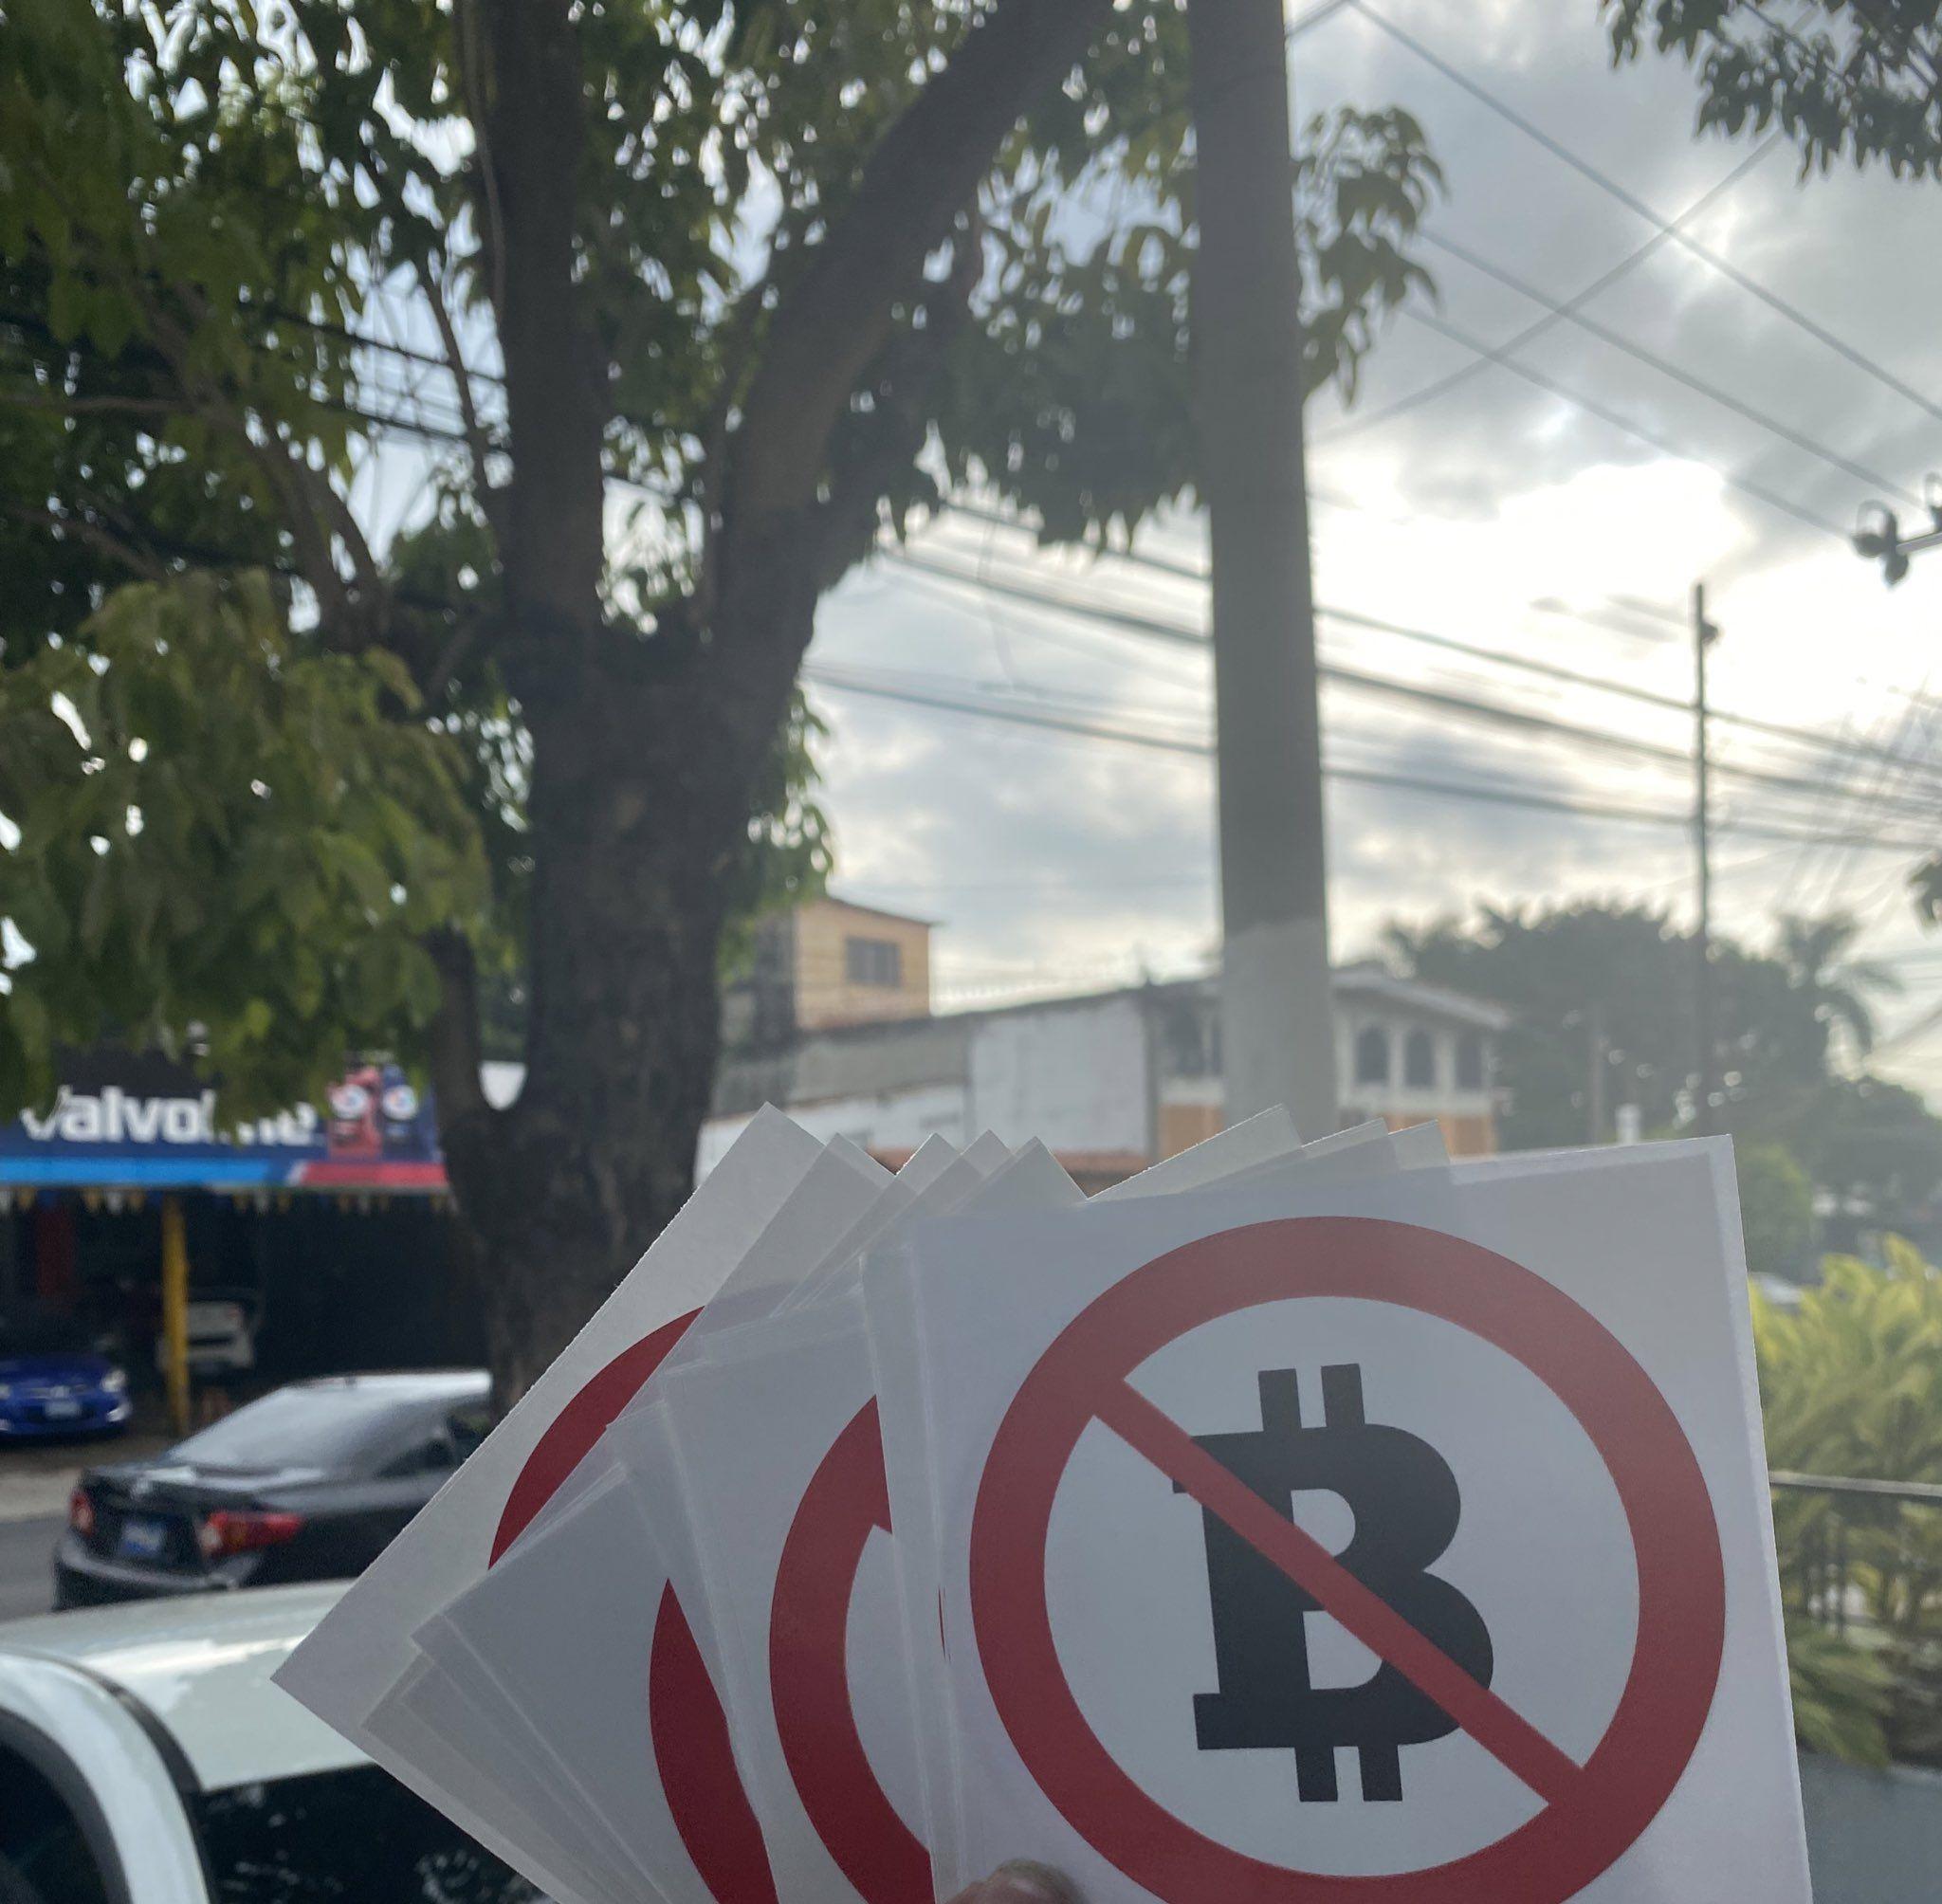 Adesivos contra Bitcoin